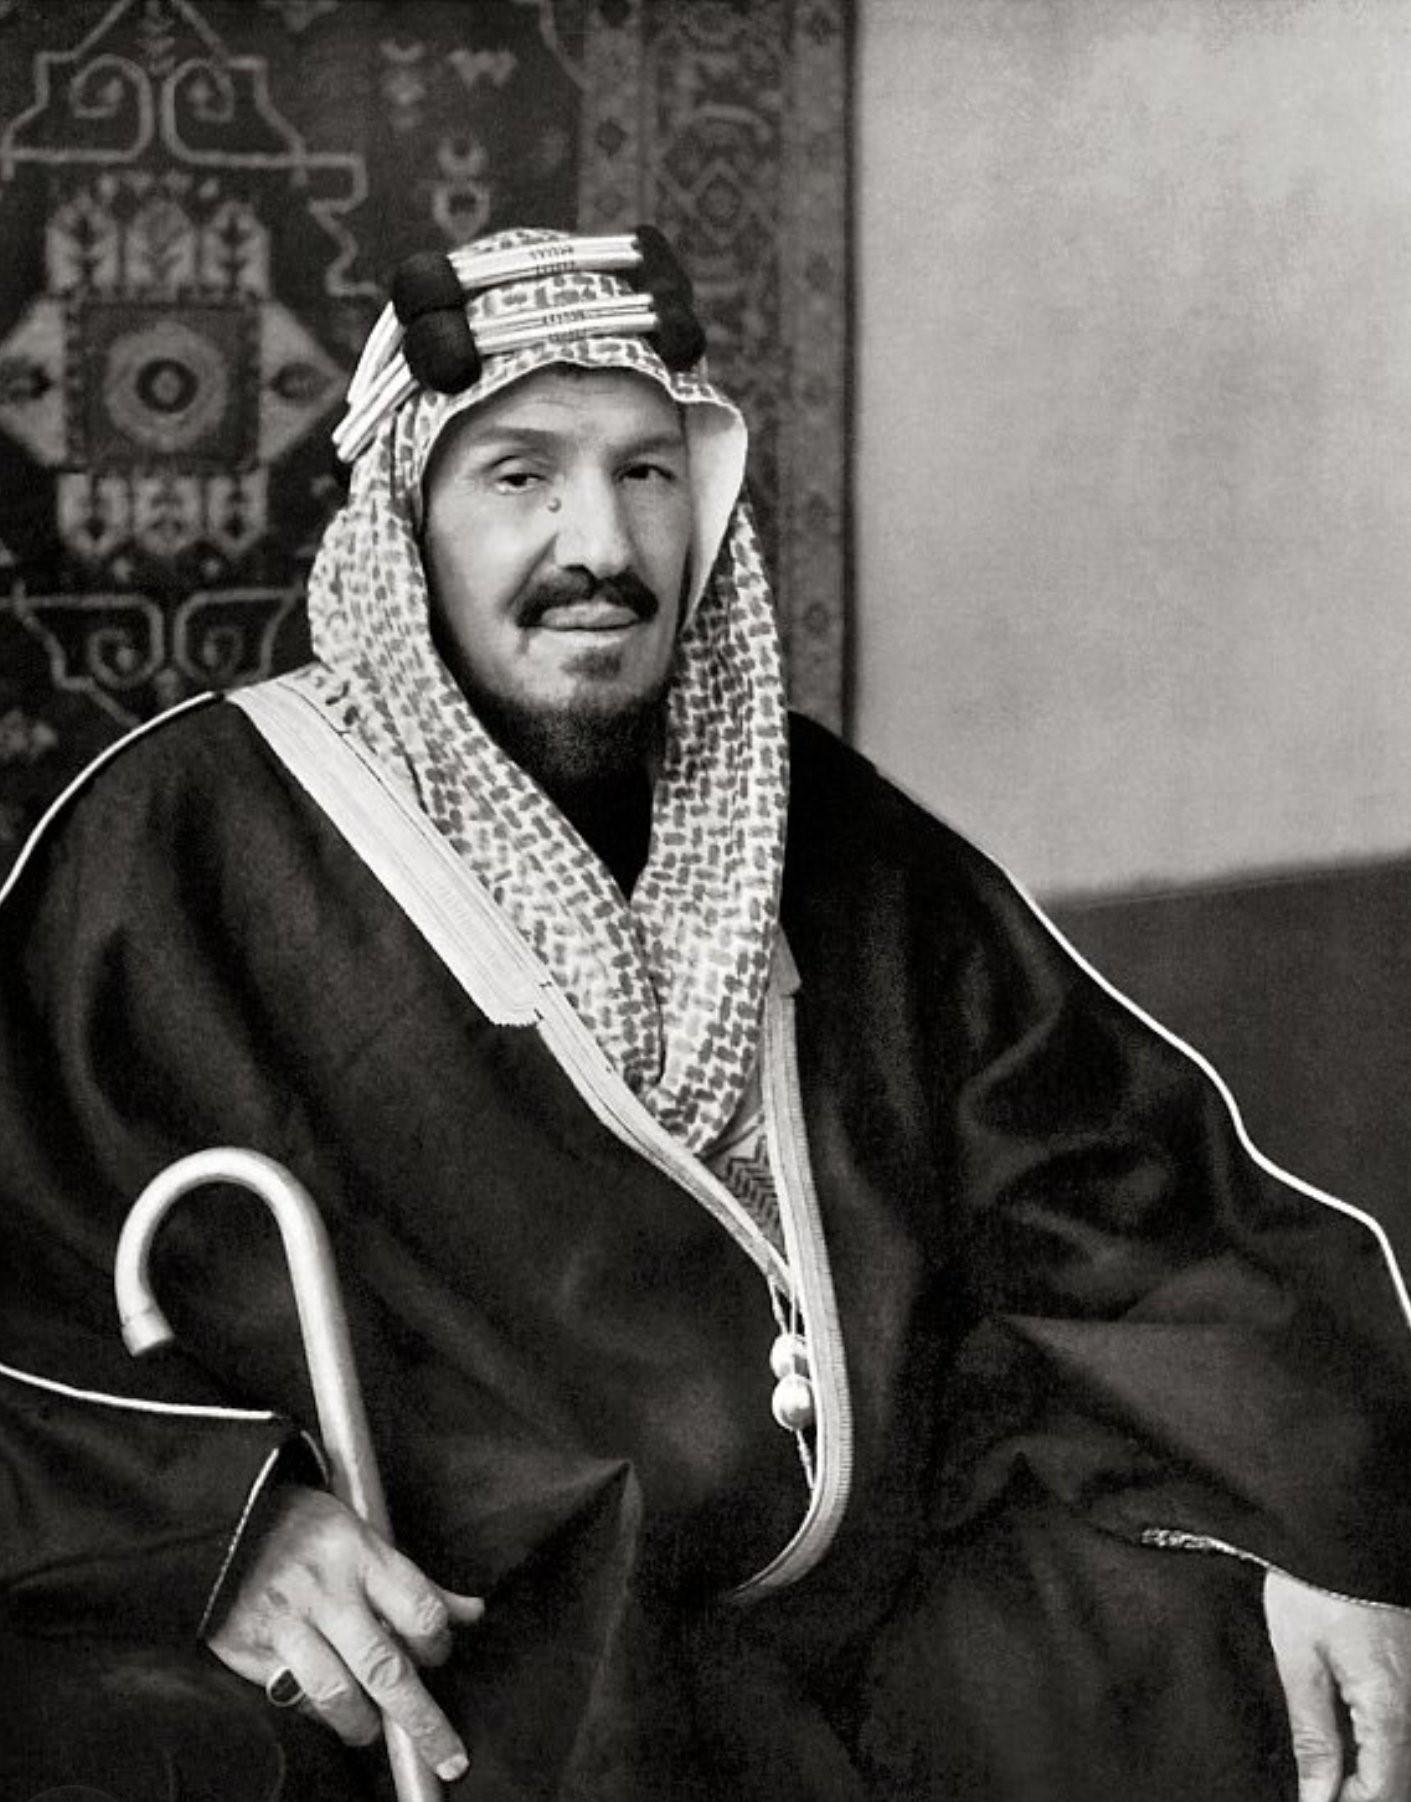 Der 94 Jahre alte, 180 cm große Abdul Aziz bin Saud in 2018 Foto